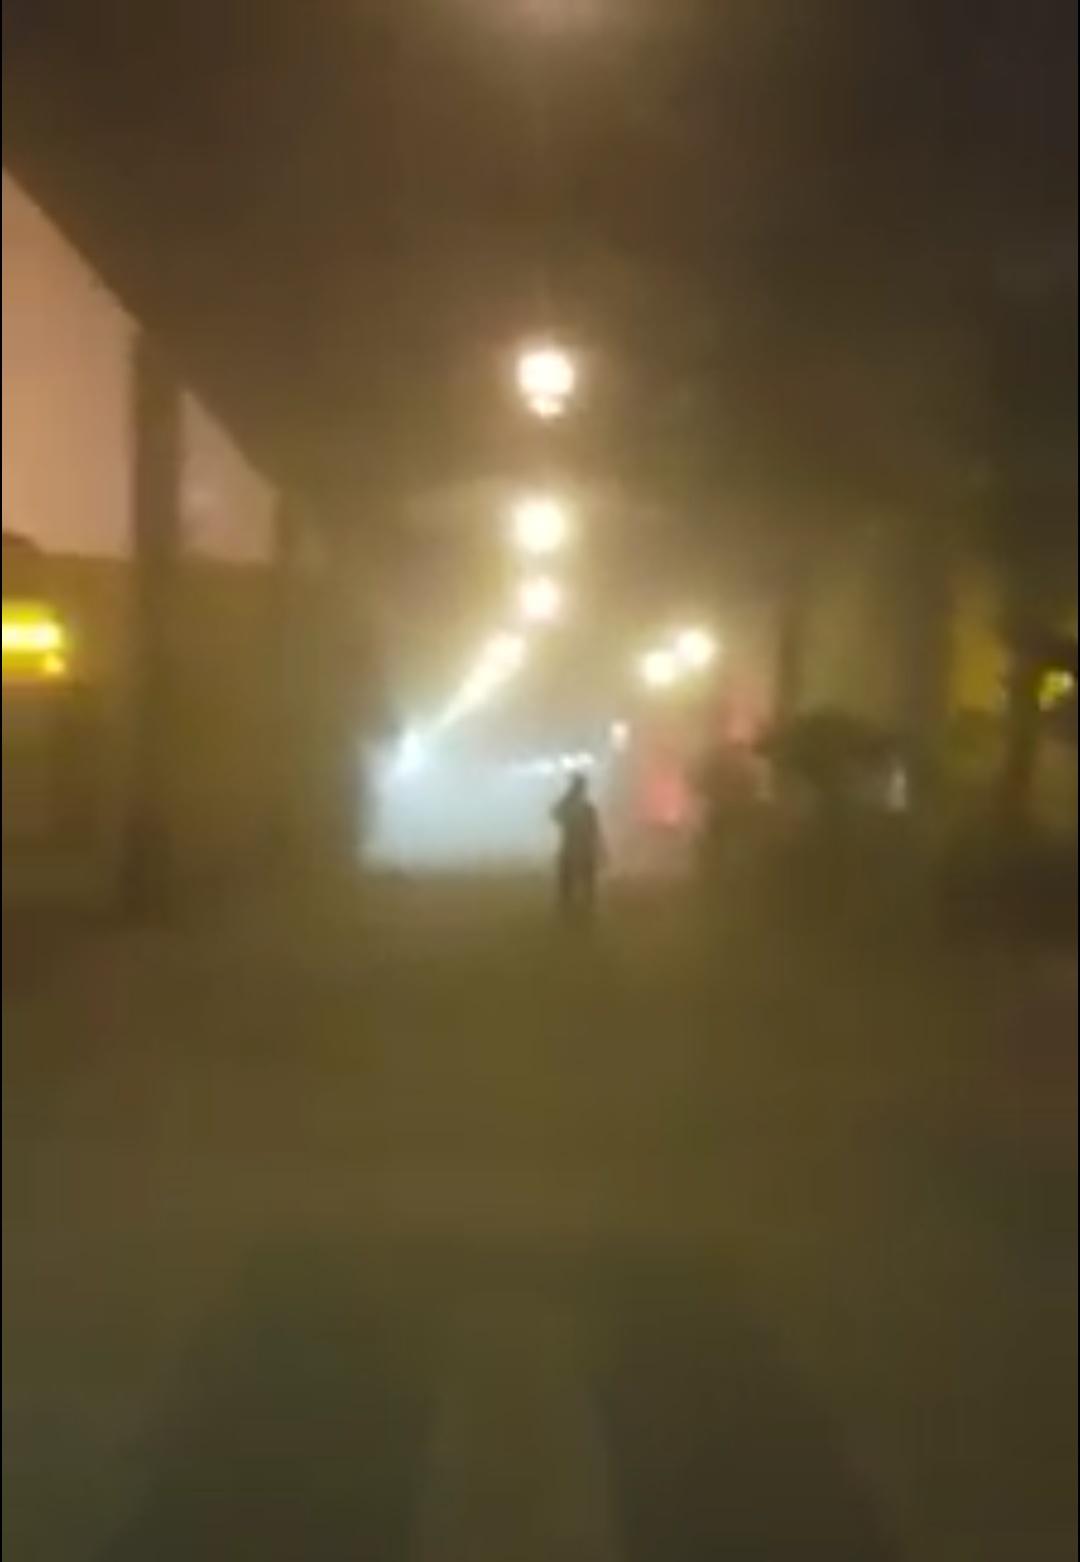 بالصور.. عاصفة رملية وسقوط أمطار في الكويت تزامنًا مع تصويت المصريين في الانتخابات